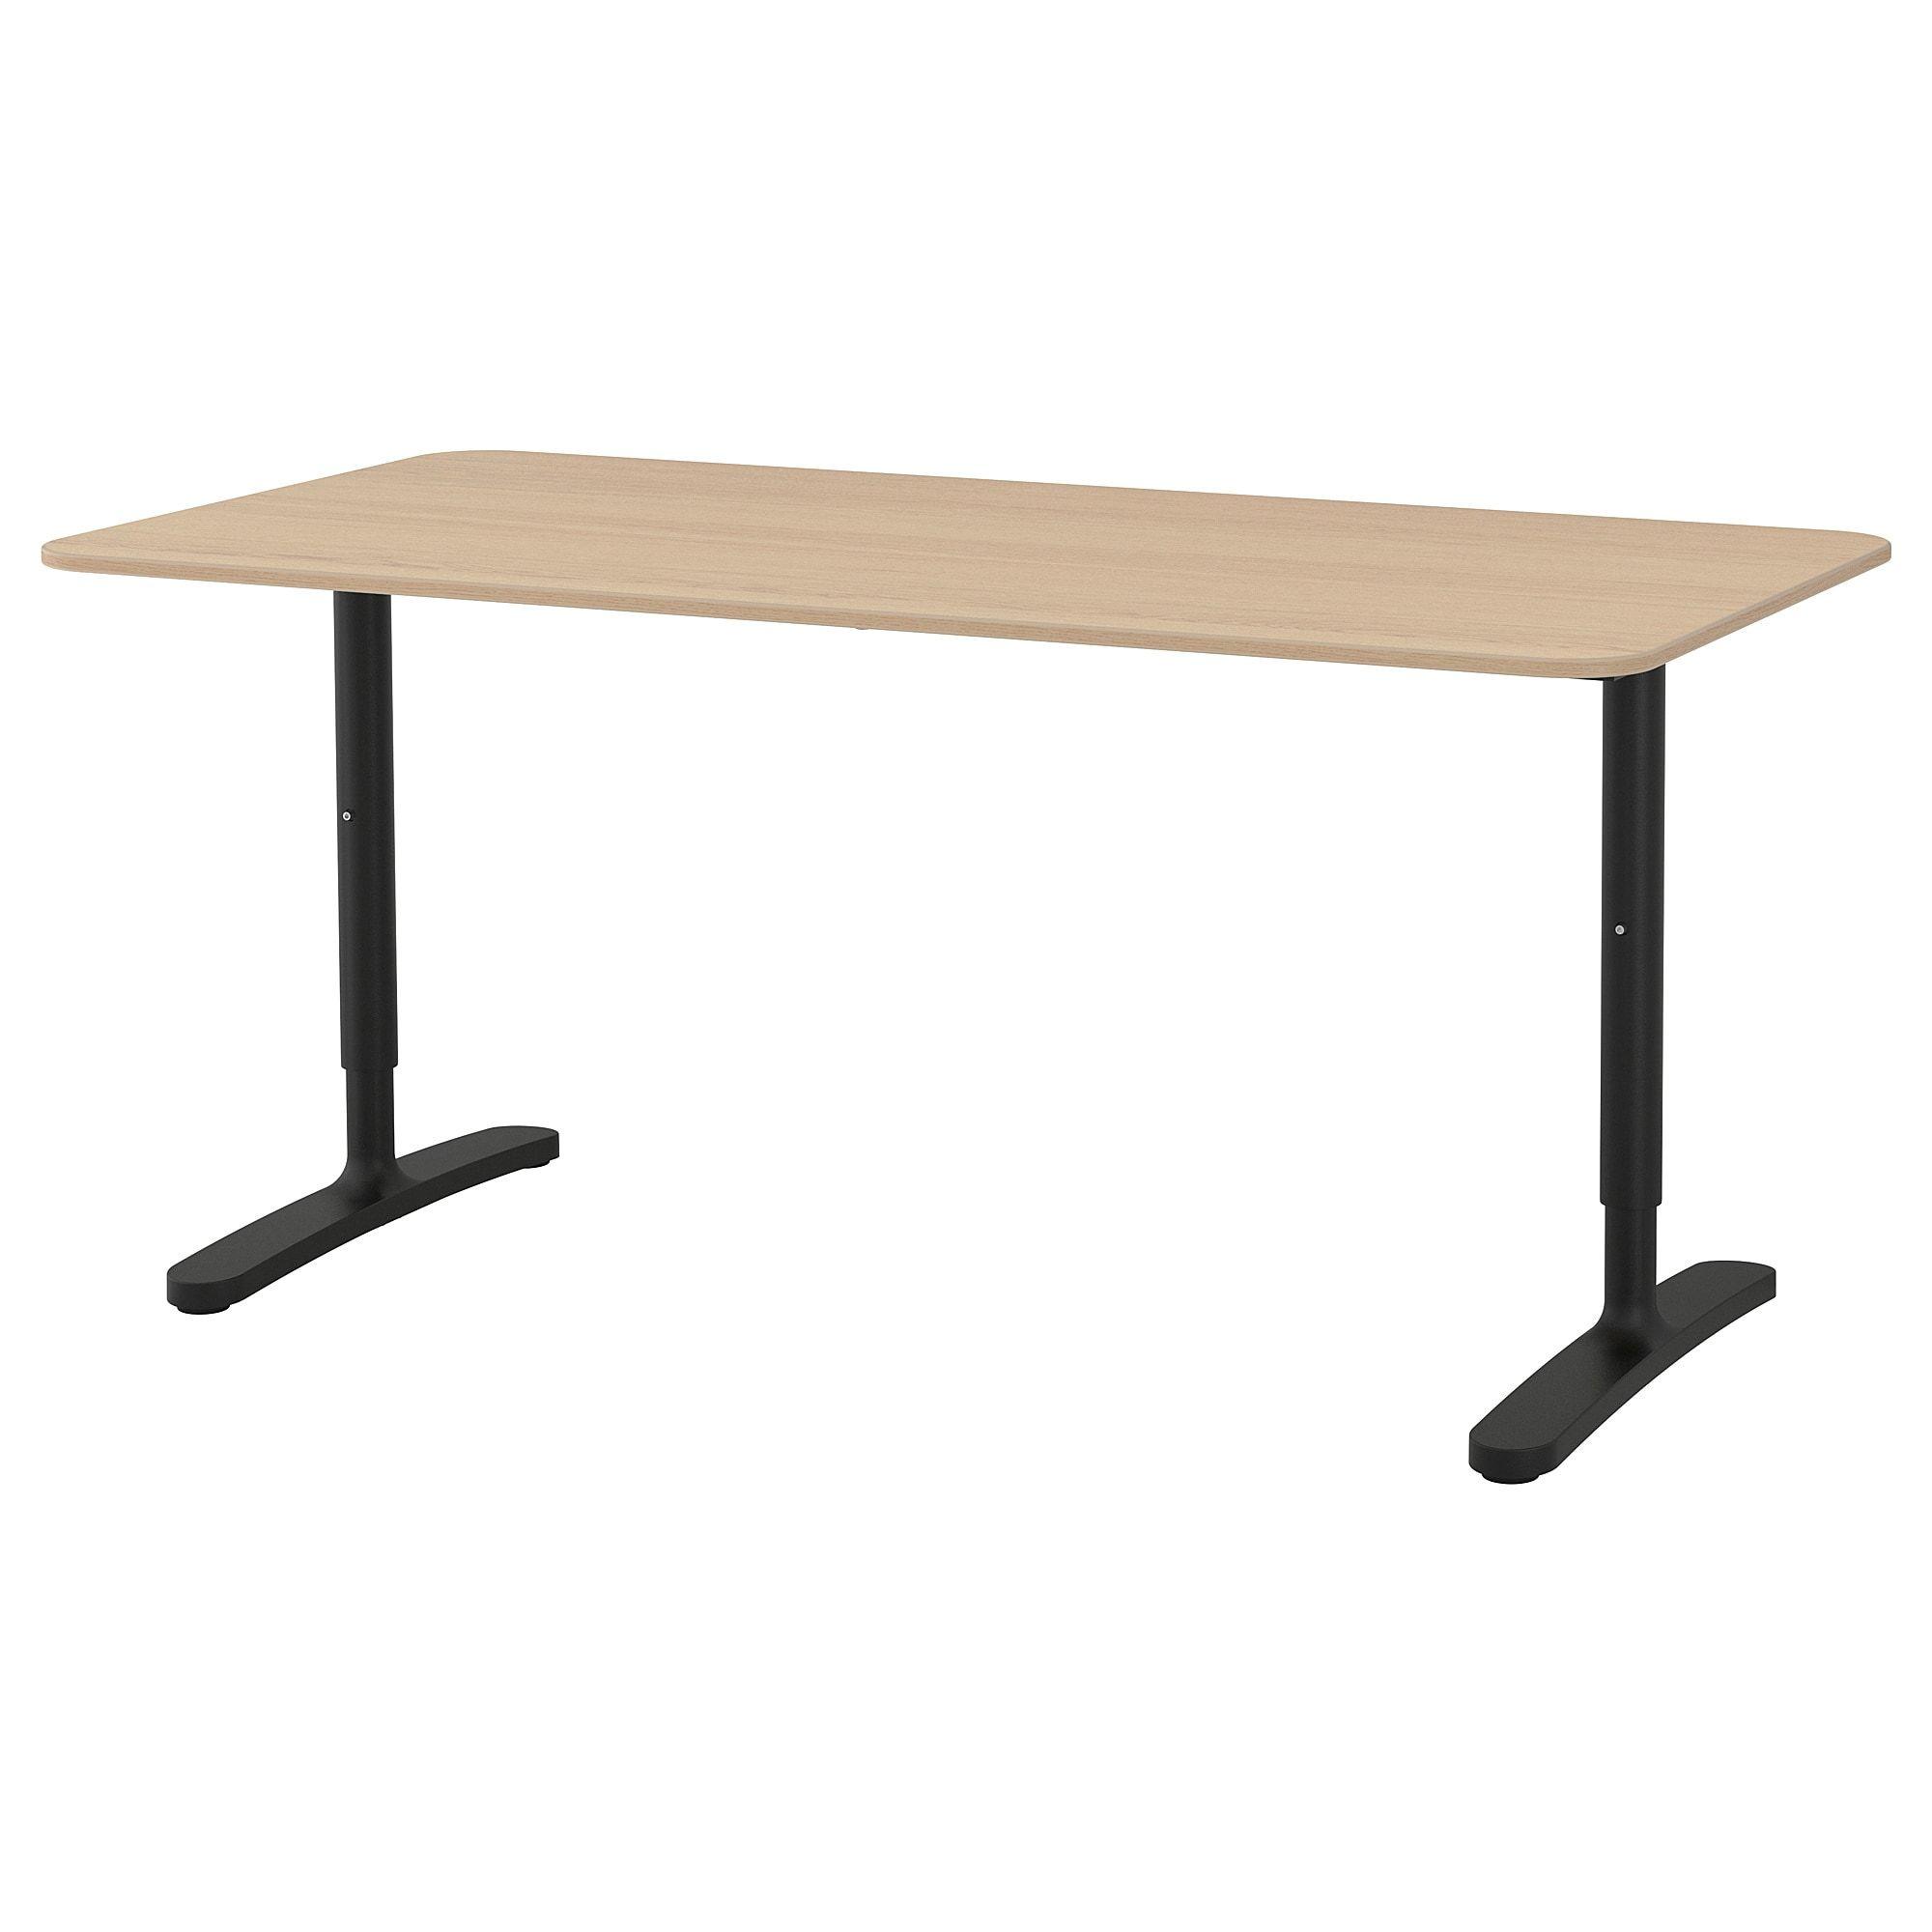 Bekant Desk White Stained Oak Veneer Black Ikea In 2020 Ikea Bekant Ikea Bekant Desk White Desks